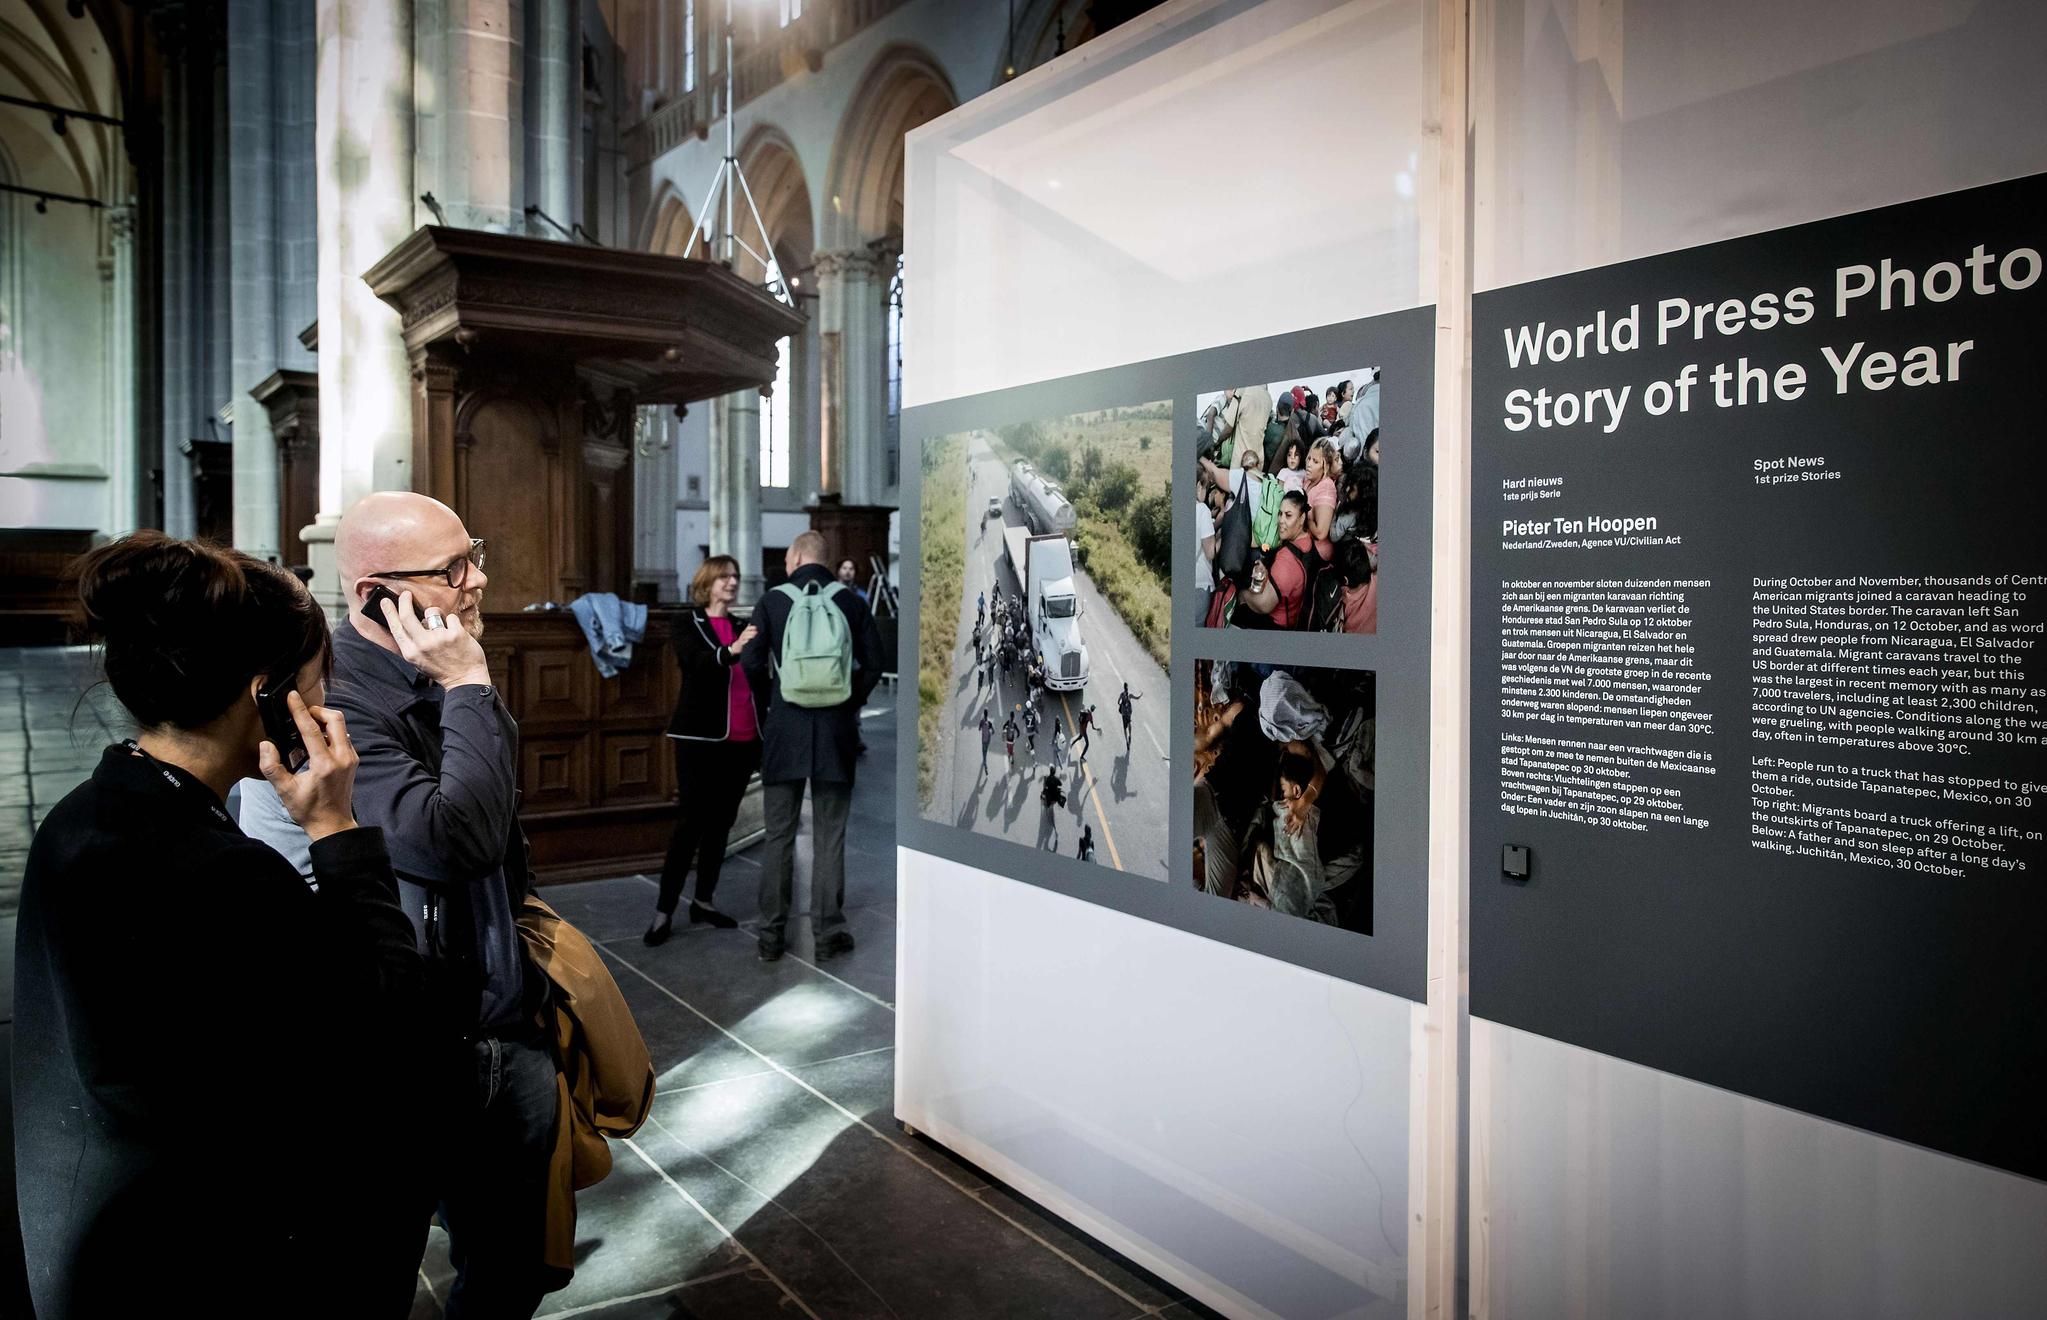 수상자들과 관람객들이 지난 12일 네덜란드 암스테르담에서 열린 행사에 참석하며 작품을 둘러보고 있다.[AFP=연합뉴스]